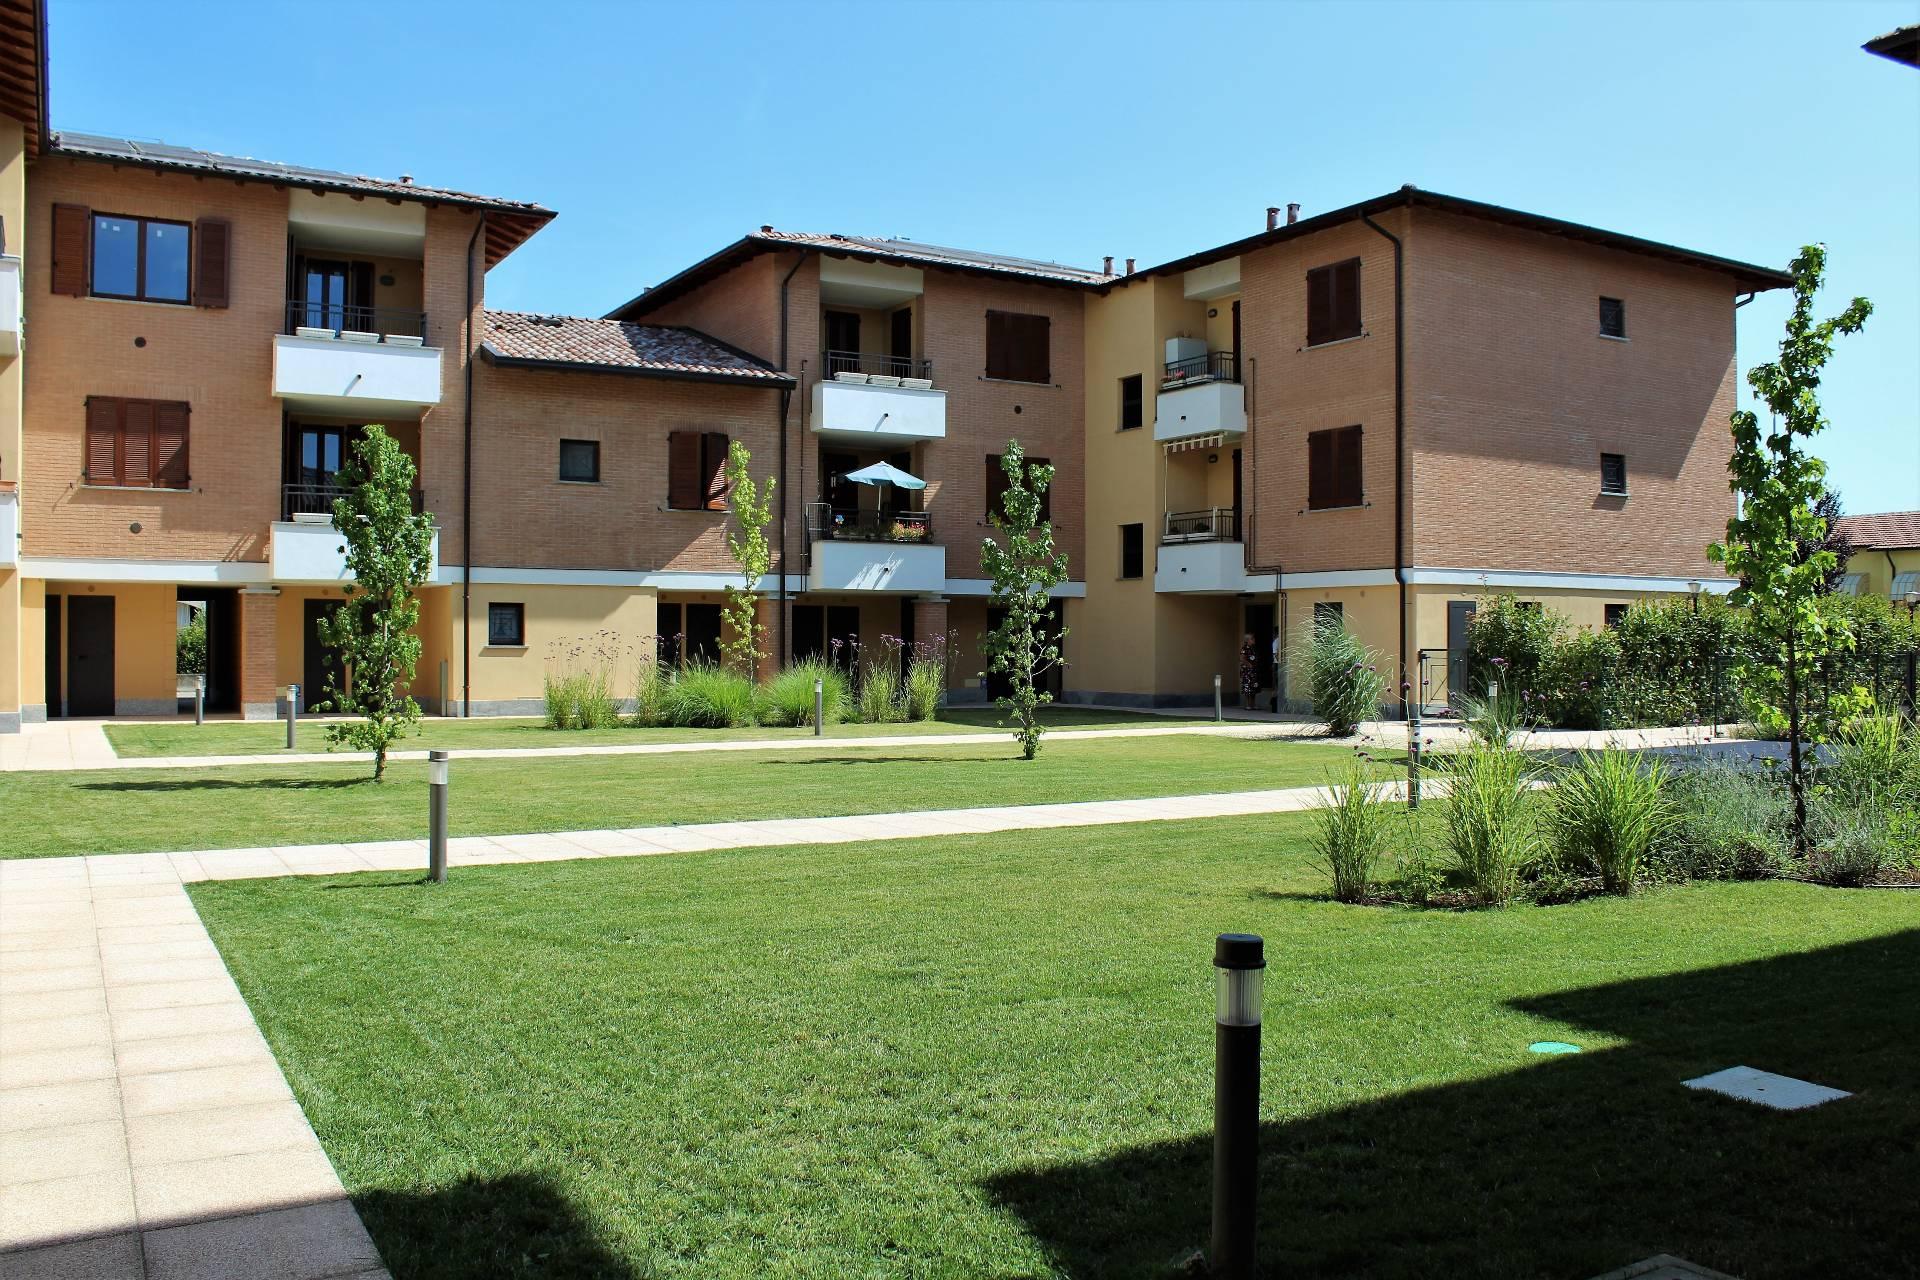 Annunci immobiliari di vendita a travac siccomario for Annunci immobiliari